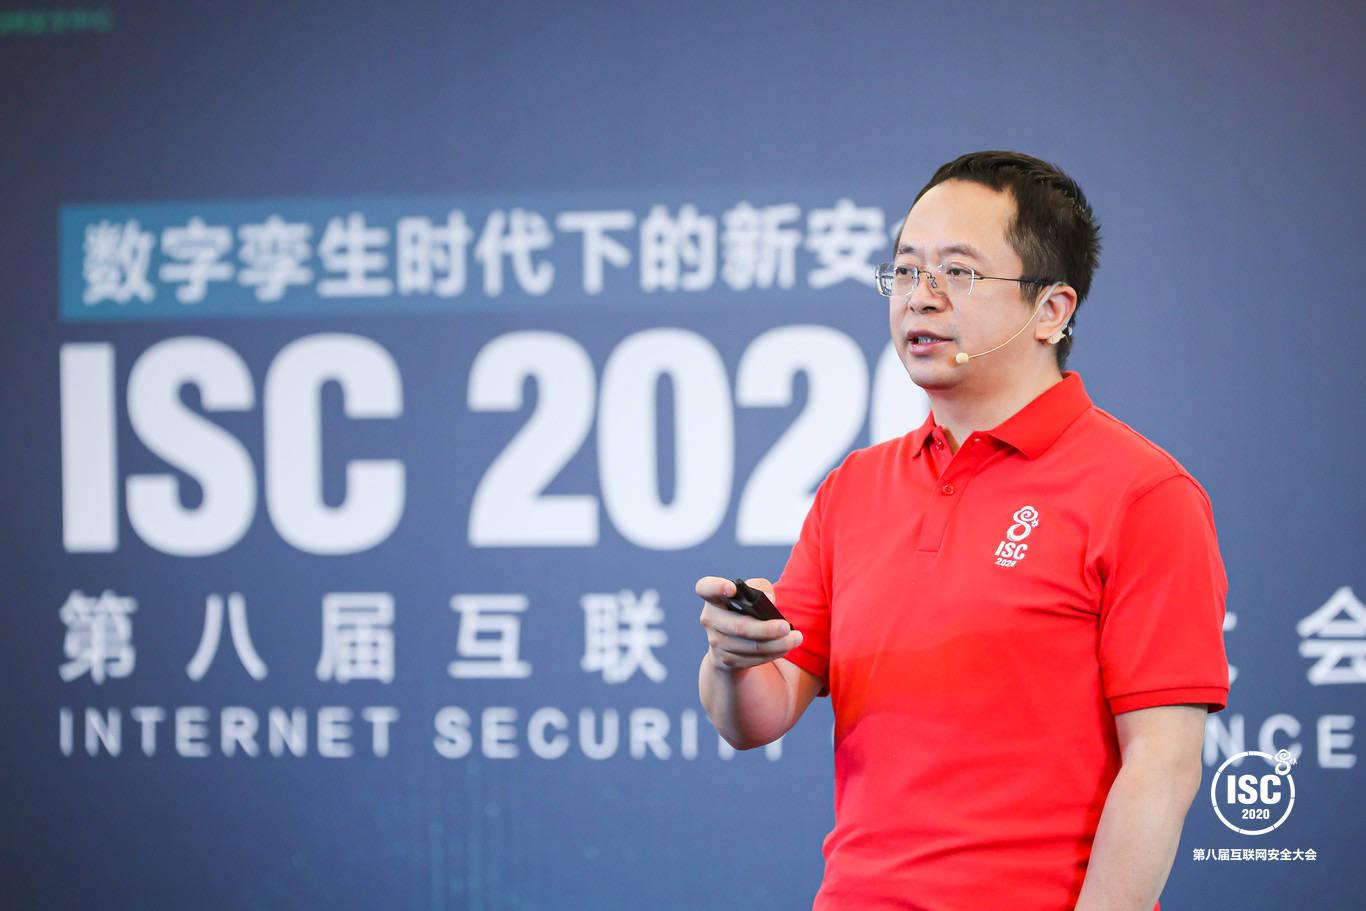 ISC三大进化:永不闭幕,数字孪生,安全基建